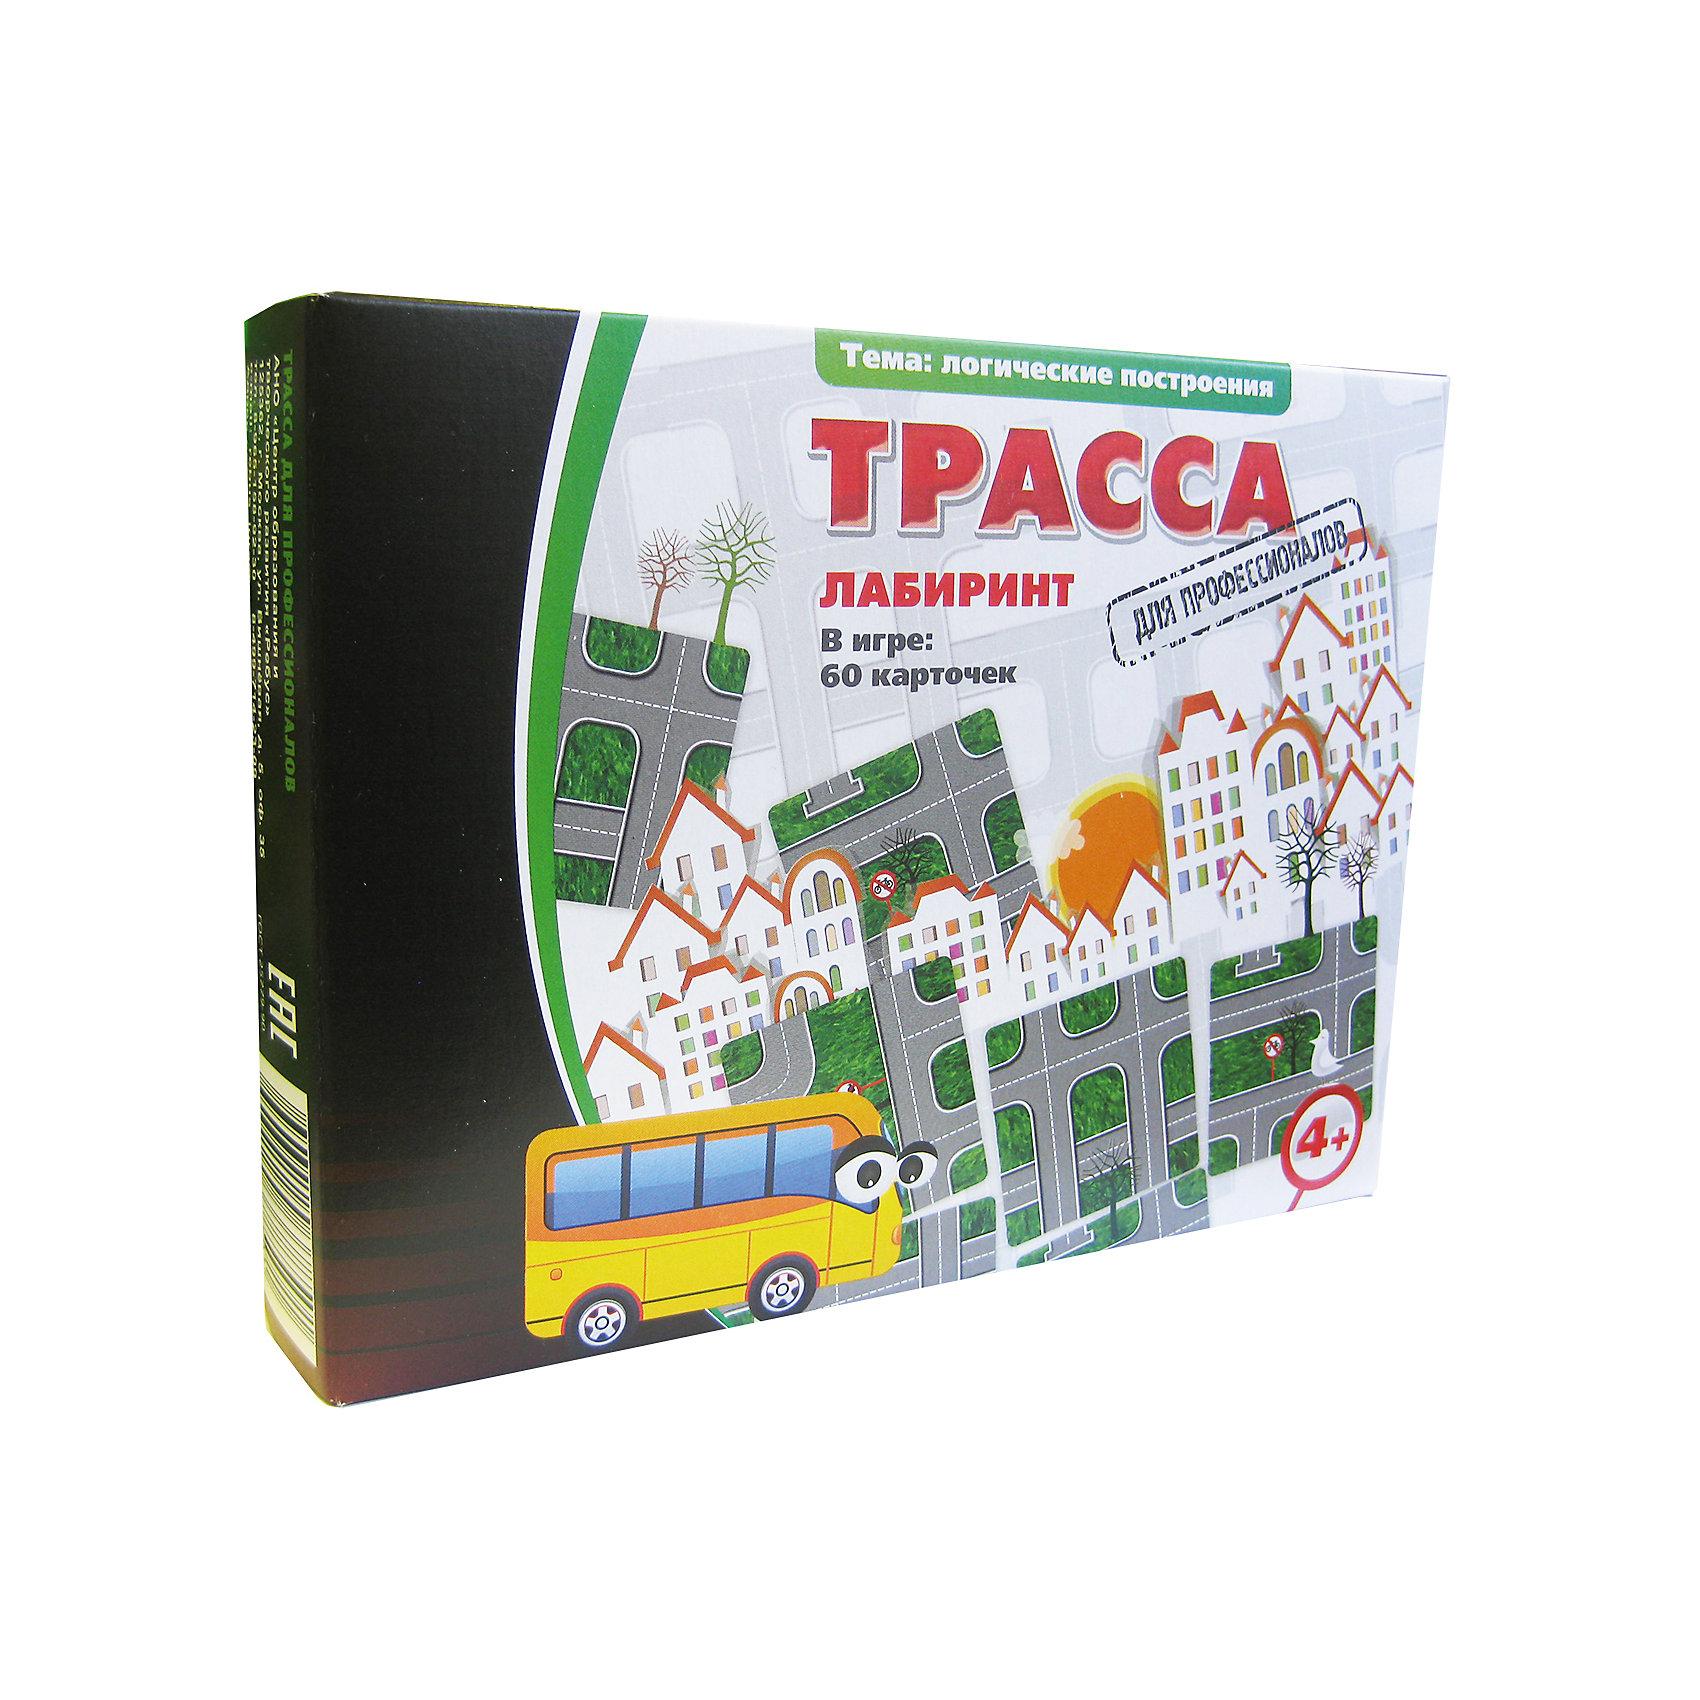 Трасса, Игротека Татьяны БарчанОбучающие карточки<br>Трасса, Игротека Татьяны Барчан.<br><br>Характеристики:<br><br>• Для детей в возрасте: от 4 до 6 лет<br>• В комплекте: 60 карточек-фрагментов дорожного лабиринта, инструкция<br>• Тема: Логические построения<br>• Материал: плотный качественный картон<br>• Производитель: ЦОТР Ребус (Россия)<br>• Упаковка: картонная коробка<br>• Размер упаковки: 180х135х40 мм.<br>• Вес: 185 гр.<br><br>Игра Трасса - это логическая настольная игра для тех, кто не лишен водительского азарта и готов к приключениям. Из карточек с фрагментами дороги необходимо составить трассу для путешествия по намеченному маршруту или проложить кратчайший путь в погоне за нарушителем. В правилах предложены два варианта игры: Погоня - для двух игроков и Маршрут - для индивидуального строительства трассы. <br><br>В первом случае один игрок становится водителем джипа, а второй его преследователем. На столе из любых карточек набора выкладывается трасса, а к ее противоположным концам прикладываются фрагменты с выбранными машинками. В свой ход игрок может повернуть три любые фрагмента трассы, для того чтобы попасть на одну дорогу с преследуемой машинкой, либо наоборот уйти от погони. <br><br>Второй вариант начинается с выбора темы трассы-лабиринта. Например, нужно проложить маршрут для автобуса, который везет пассажиров в цирк. Для этого ребенок из случайно отобранных карточек с фрагментами дороги, раскладывает на столе дорожную карту, в которой соединяет участки дороги в требуемом направлении. Игра развивает внимание, терпение и пространственное воображение, учит решать стратегические задачи.<br><br>Игру Трасса, Игротека Татьяны Барчан можно купить в нашем интернет-магазине.<br><br>Ширина мм: 180<br>Глубина мм: 135<br>Высота мм: 40<br>Вес г: 184<br>Возраст от месяцев: 48<br>Возраст до месяцев: 72<br>Пол: Унисекс<br>Возраст: Детский<br>SKU: 6751372